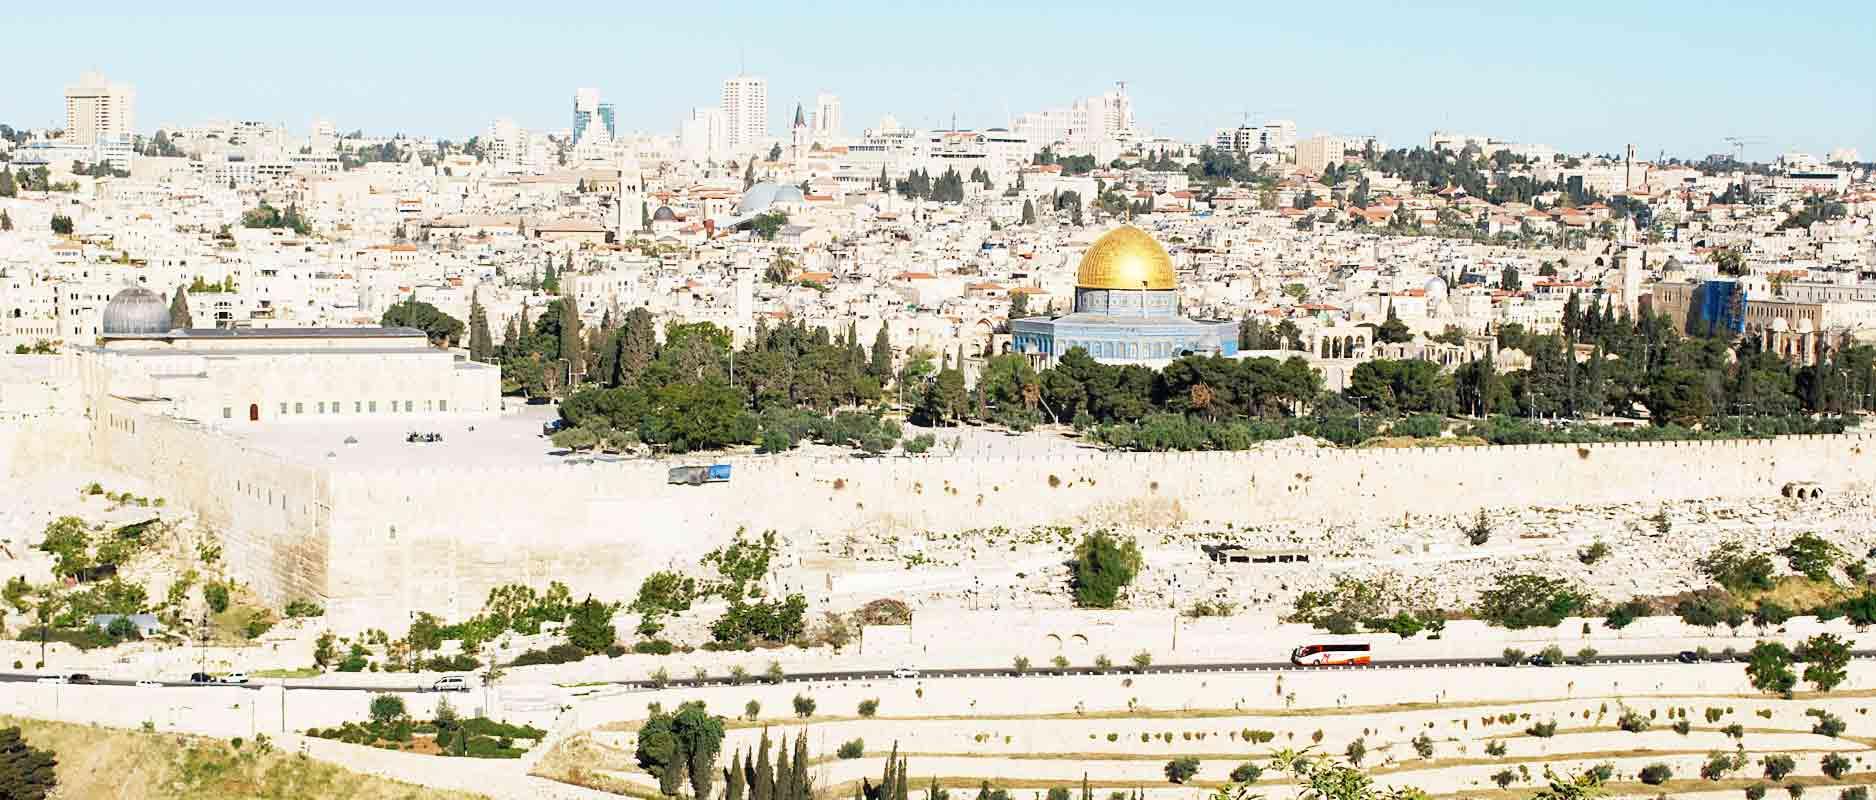 Jeruzalem | Stad van vrede en strijdtoneel